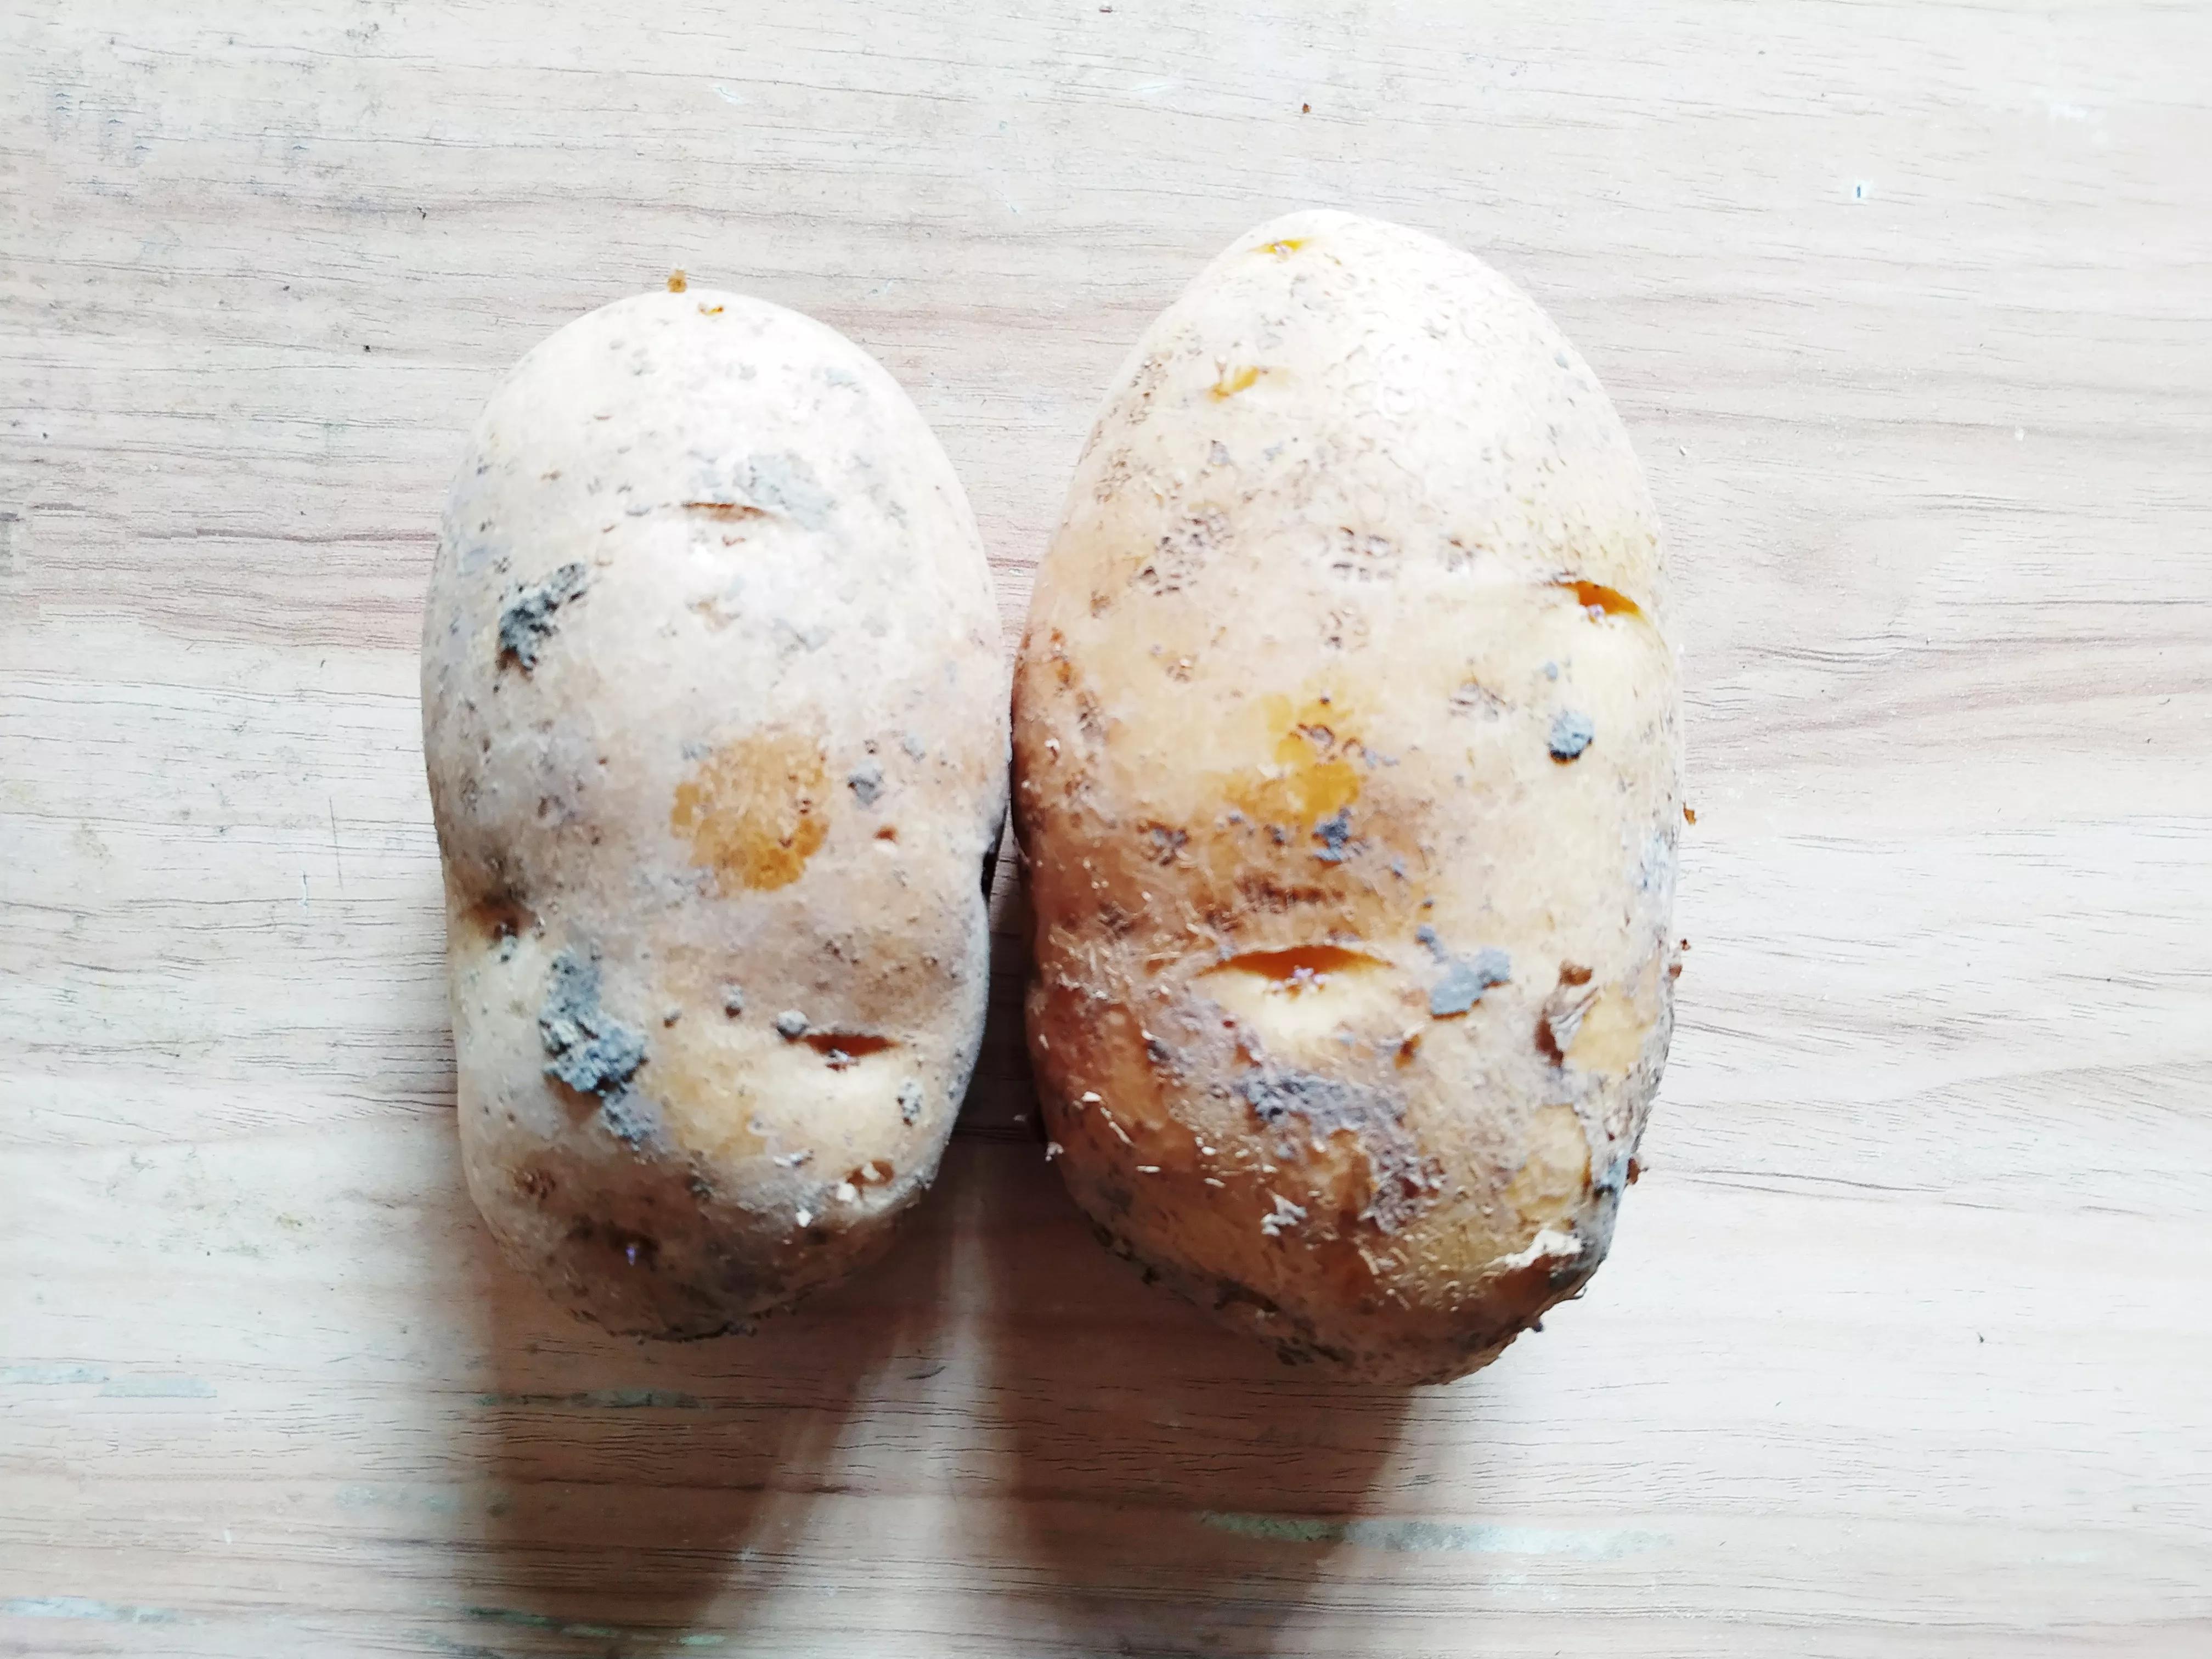 炒土豆丝,什么时候放醋很重要,方法对了,随便炒都酸辣爽脆